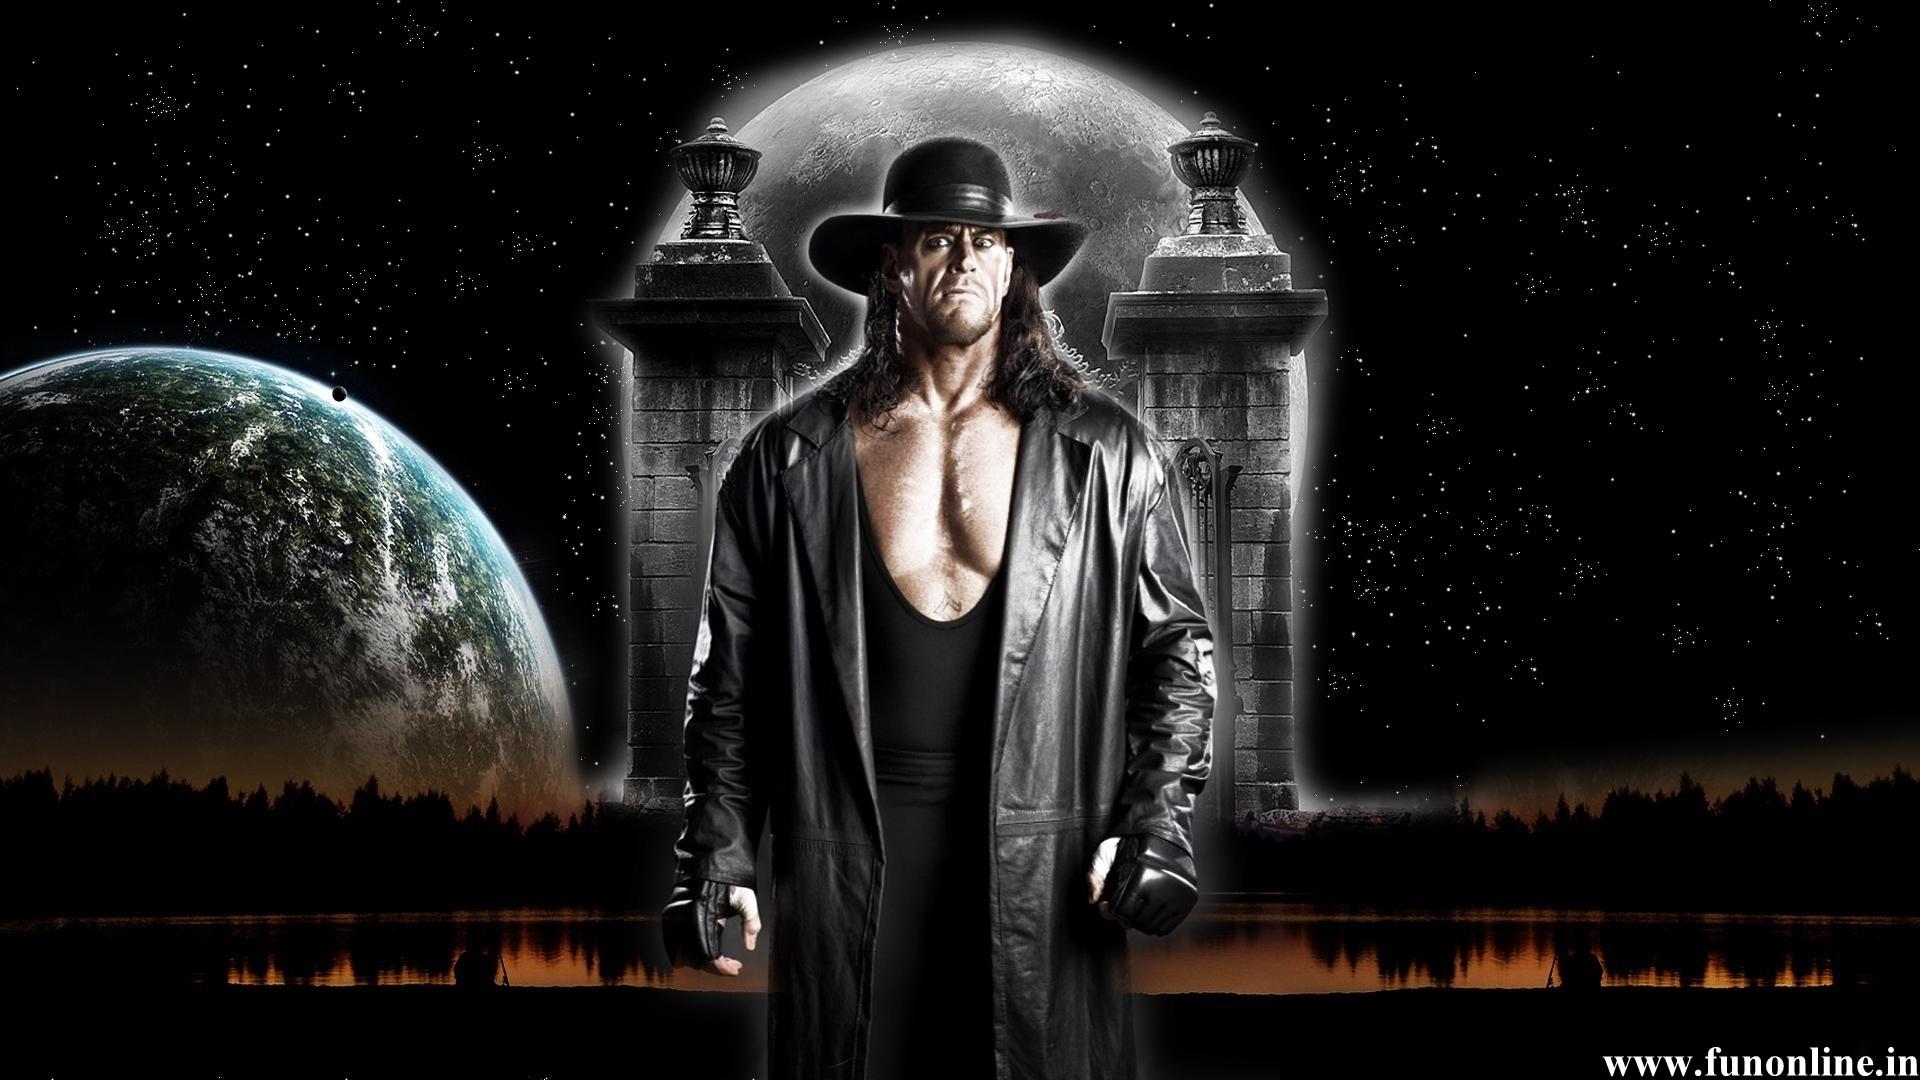 Undertaker Hd Wallpapers Free Download WWE HD WALLPAPER FREE 1900×1200  Undertaker Wallpaper (54